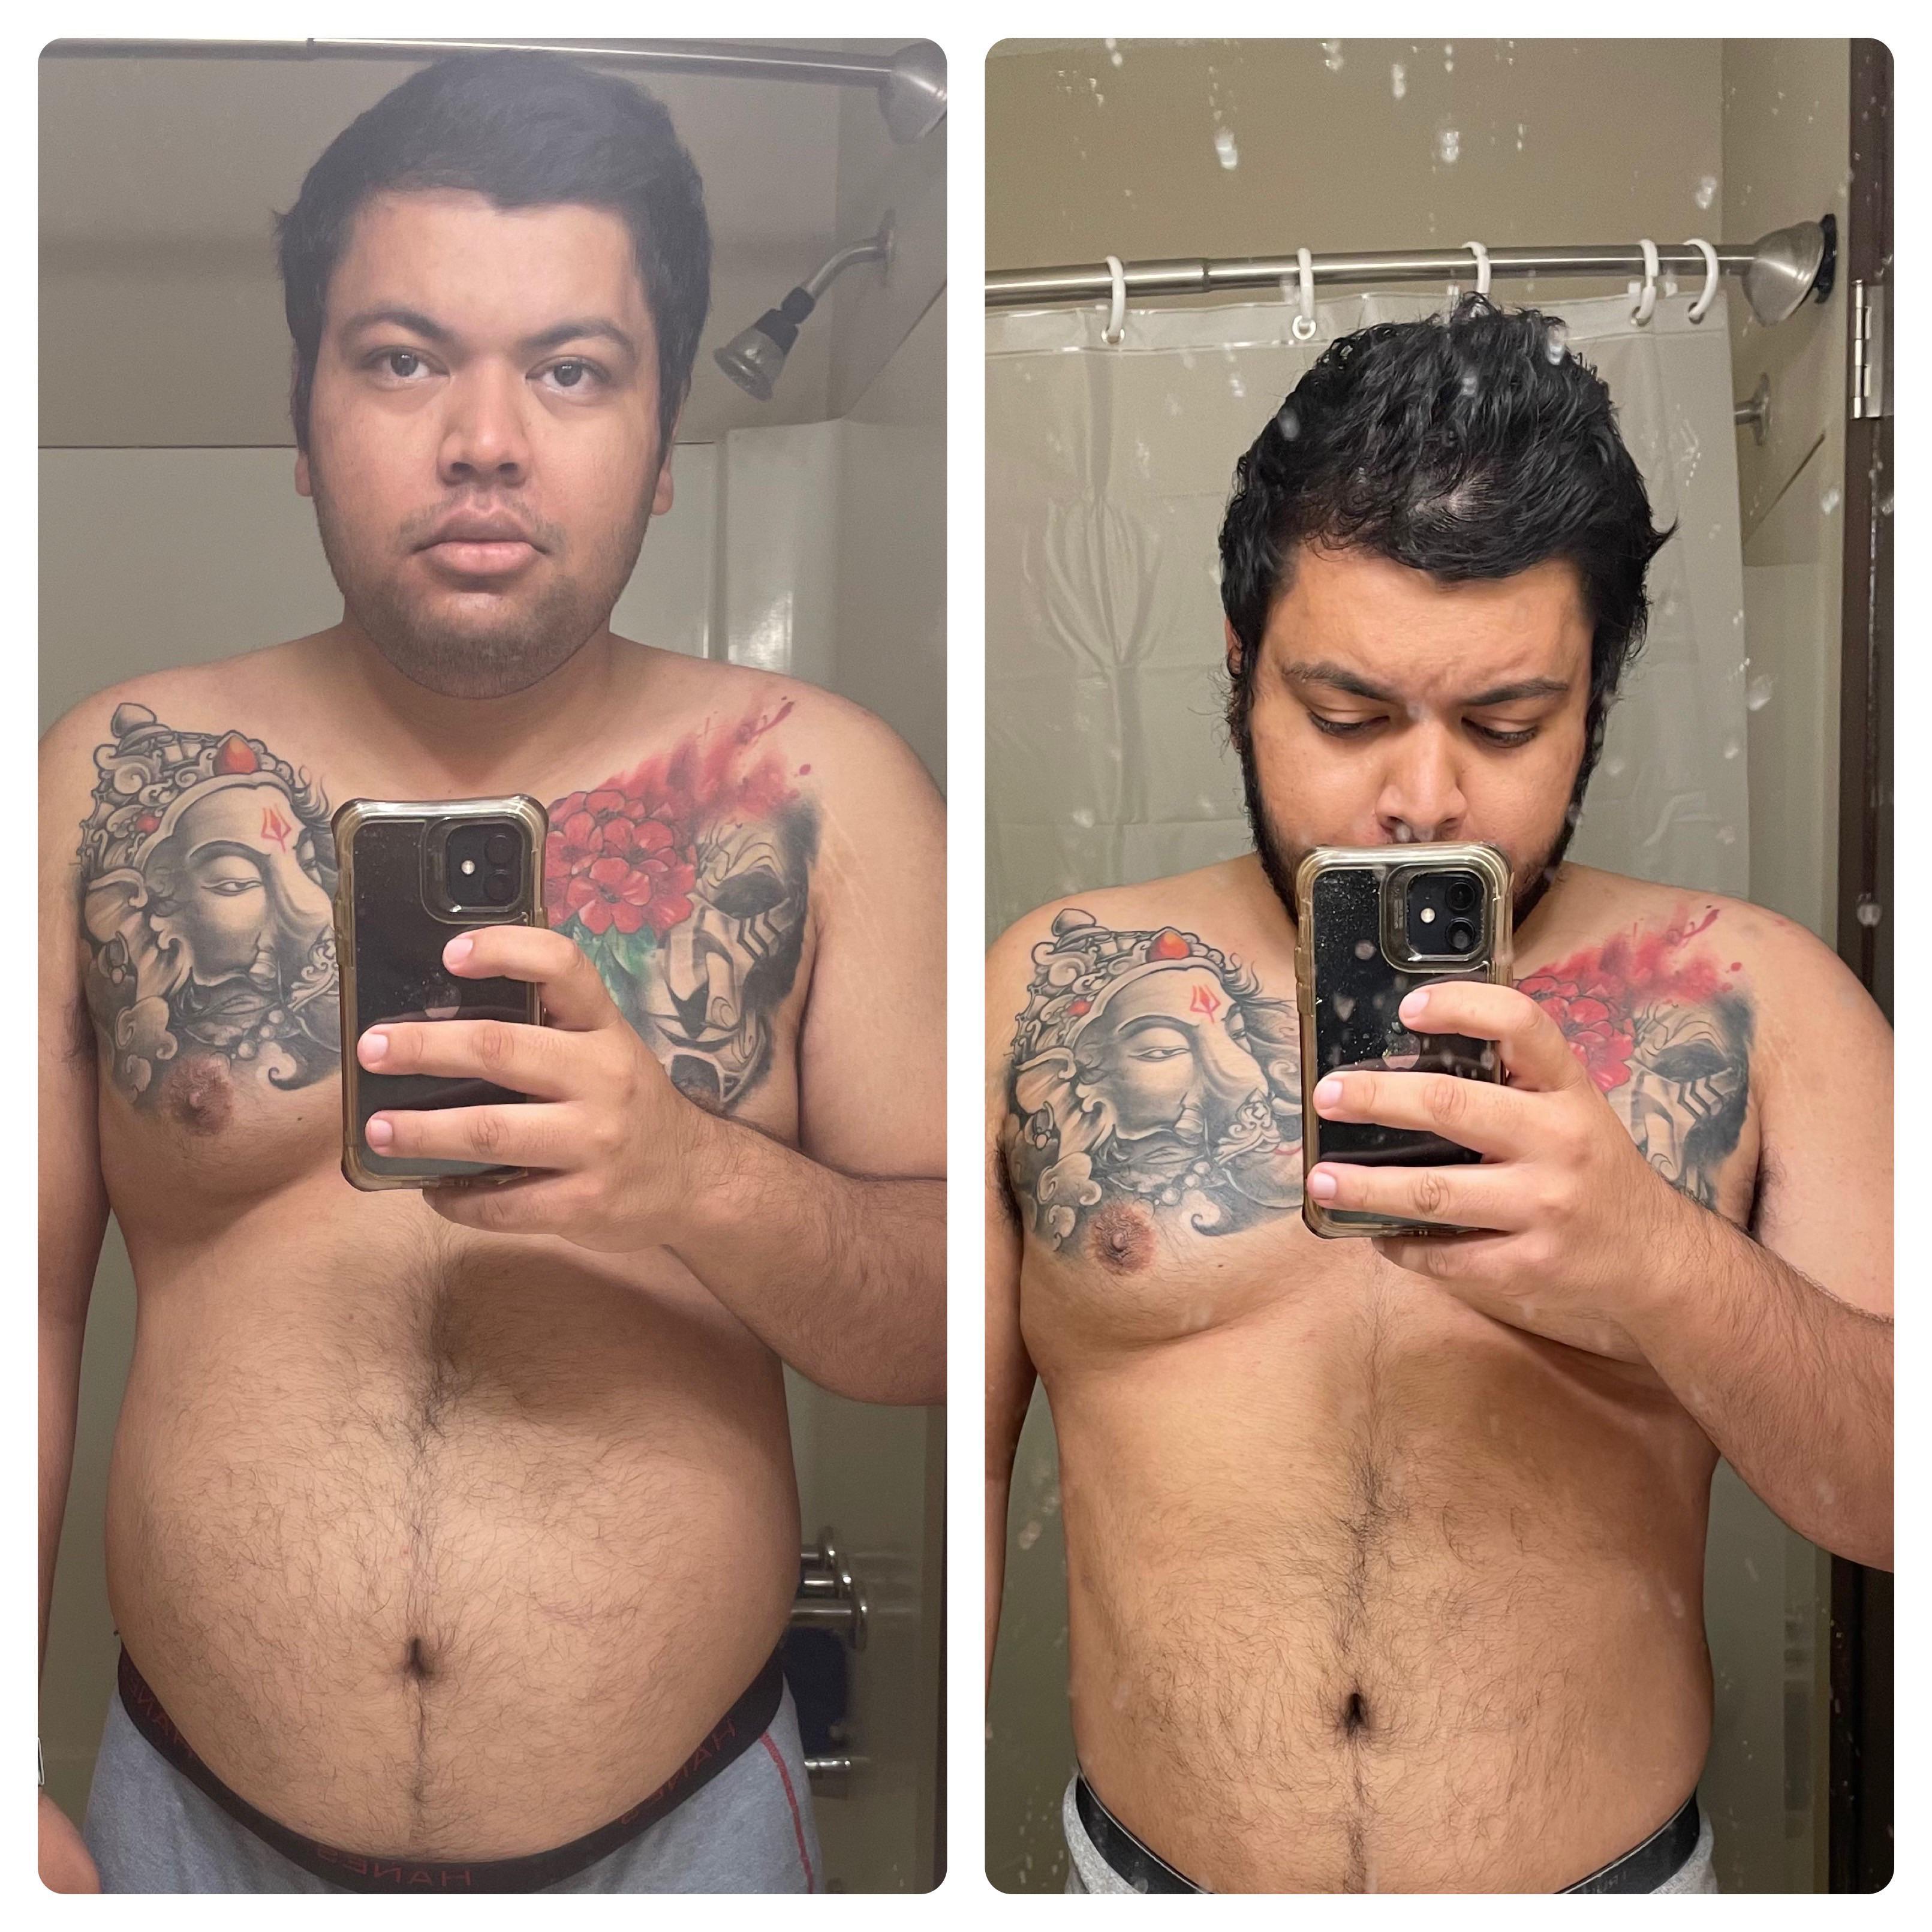 5 feet 8 Male 20 lbs Weight Loss 226 lbs to 206 lbs